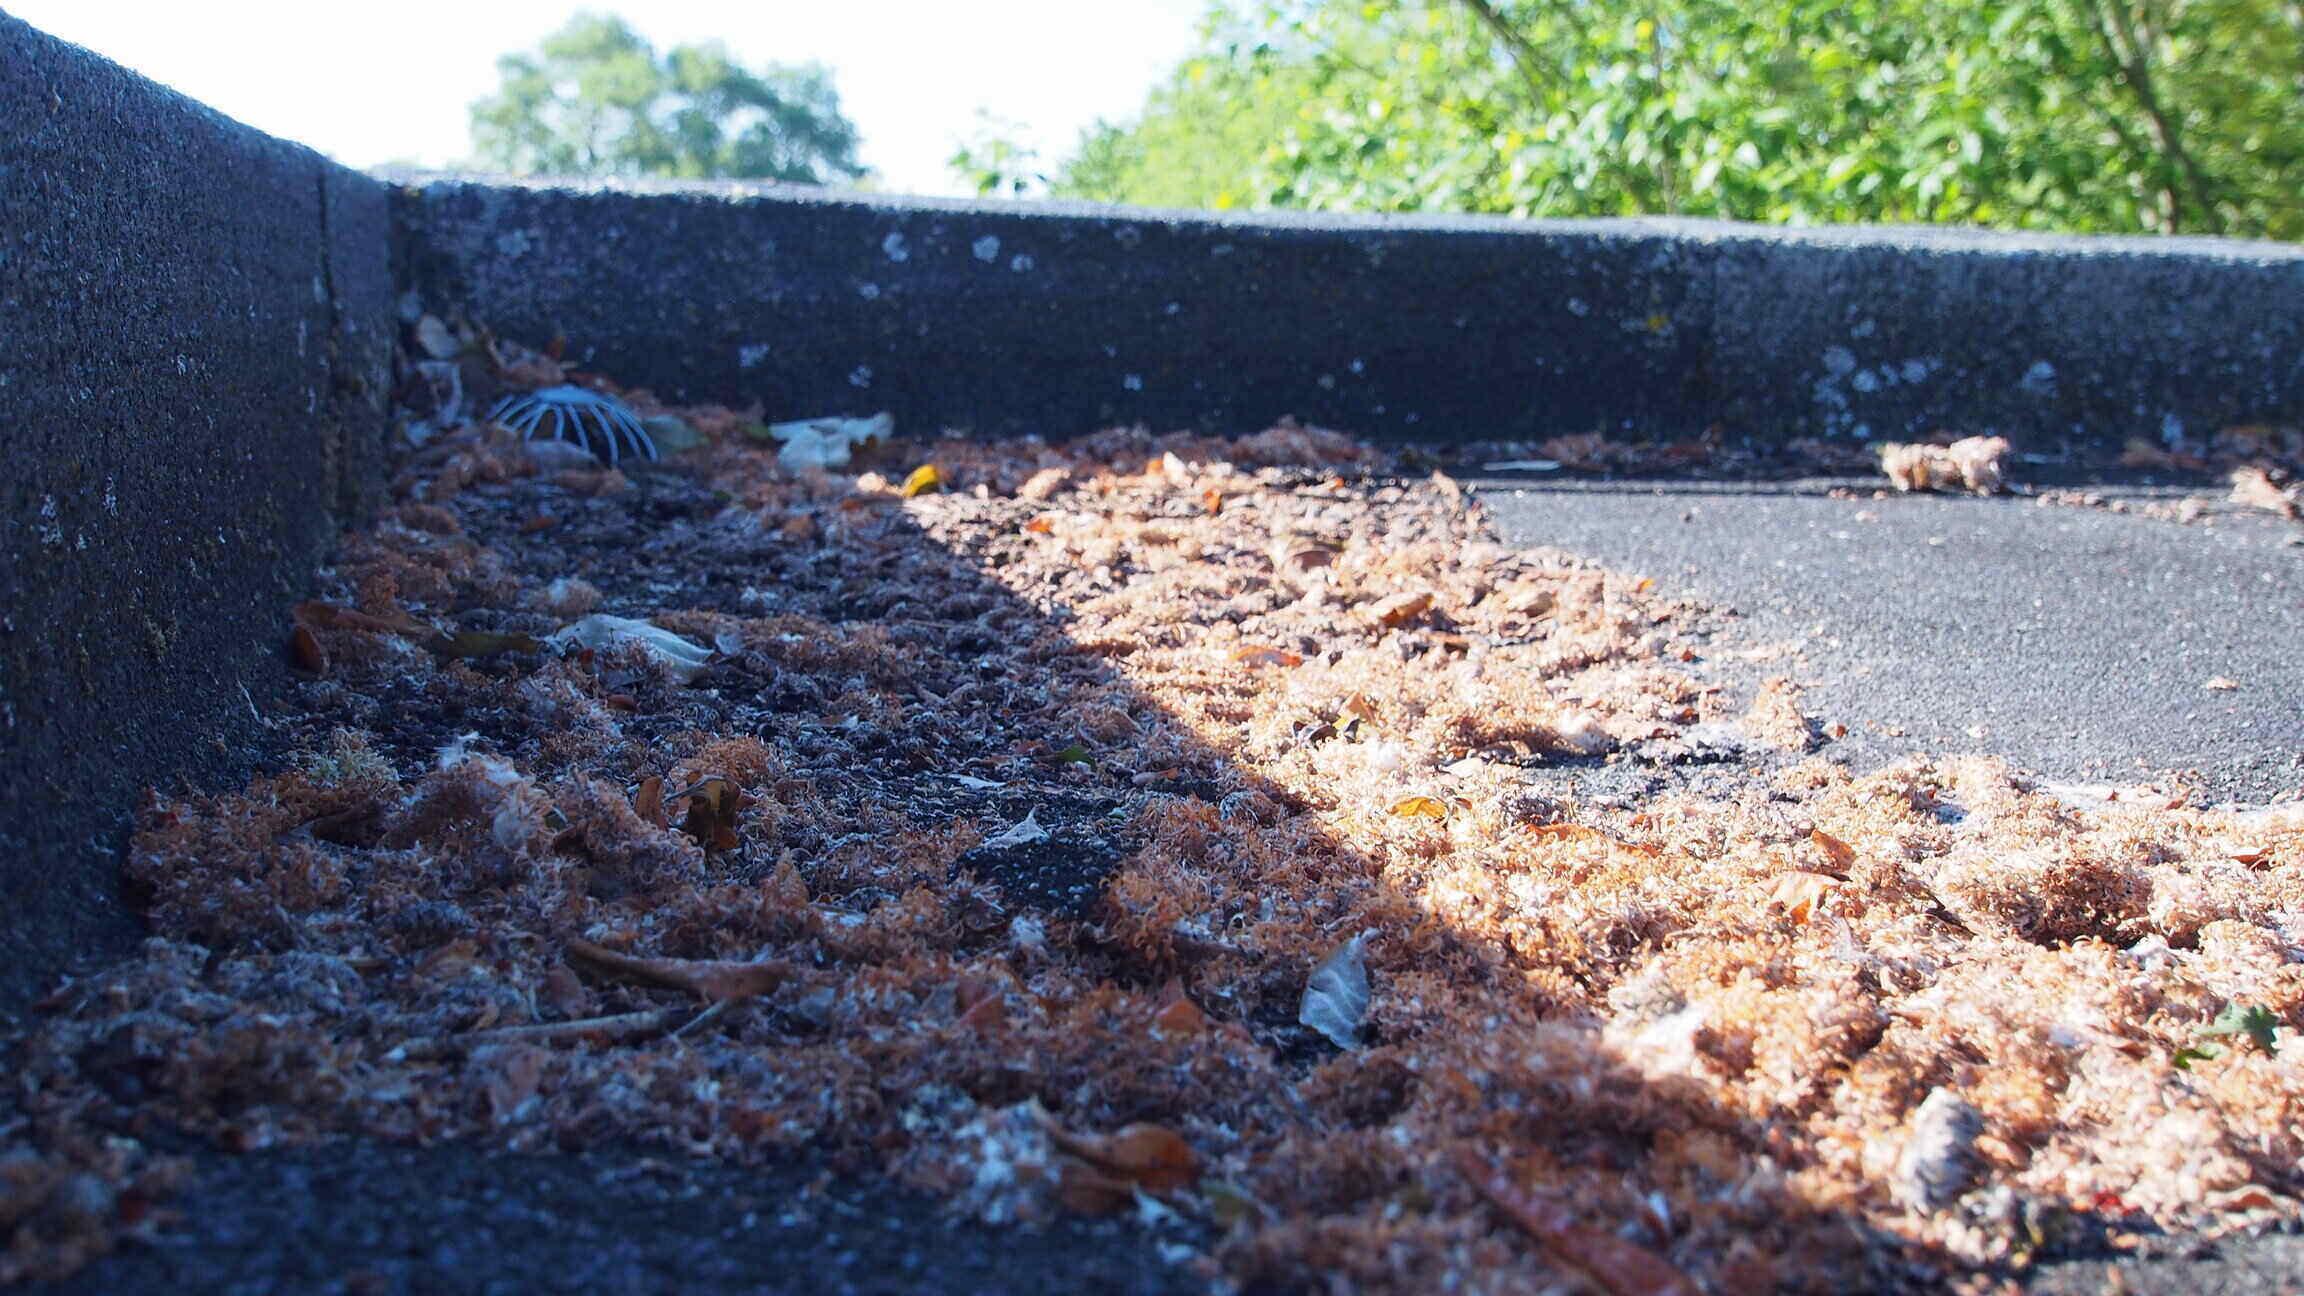 Mousse et detritus sur toiture